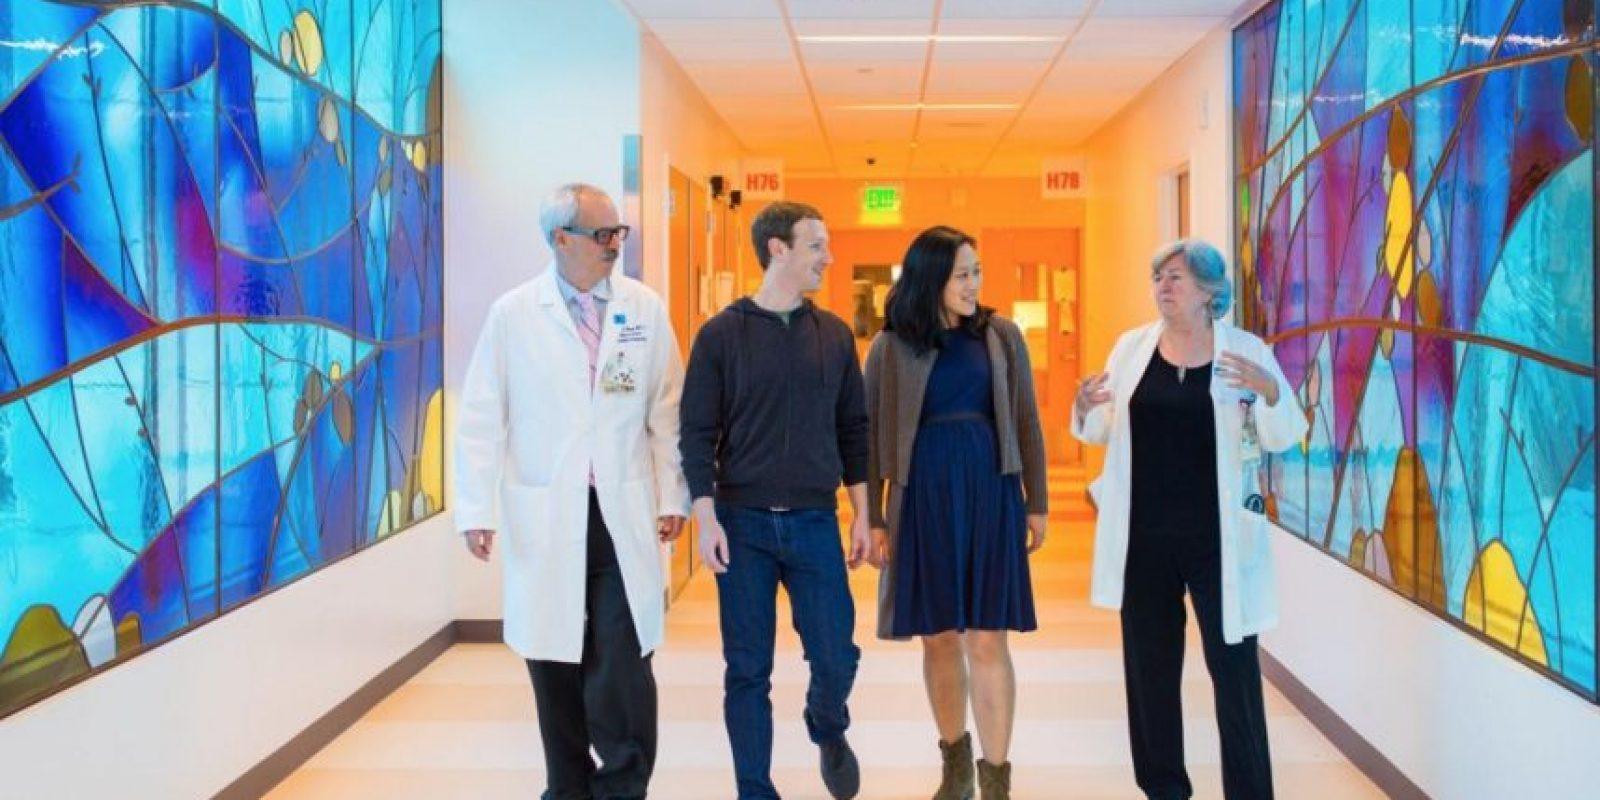 Visitaron el hospital donde nacería Max. Foto:facebook.com/zuck